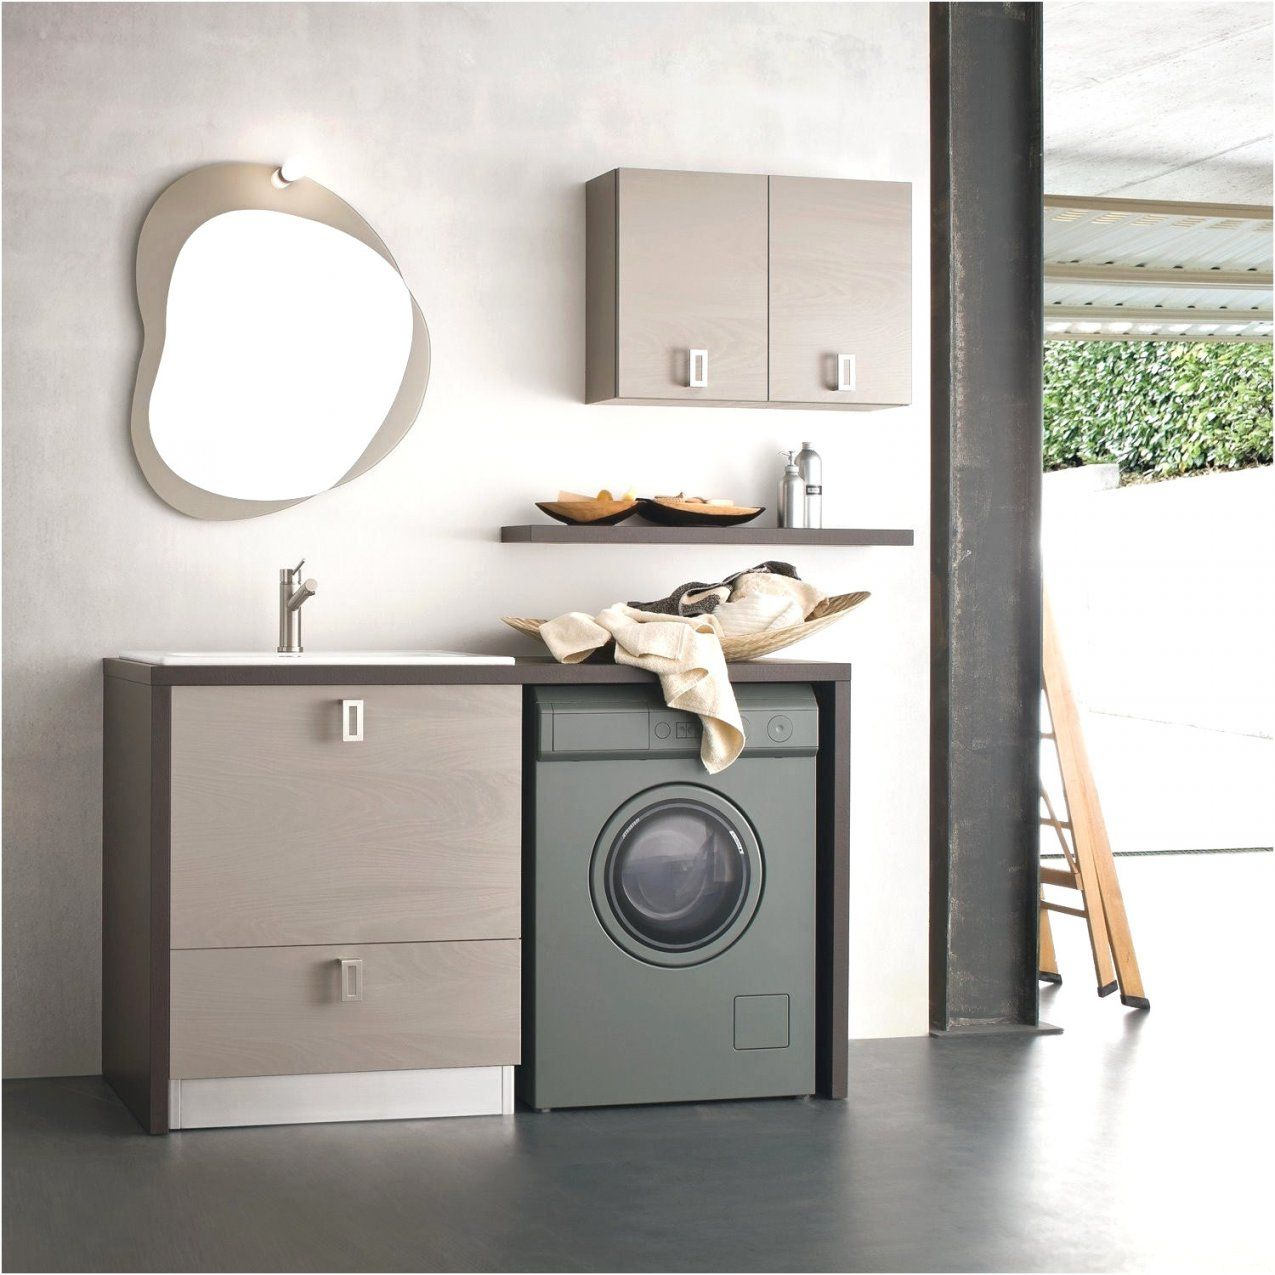 Badezimmer Unterschrank Waschmaschine Ikea Kuche Mit Waschmaschine